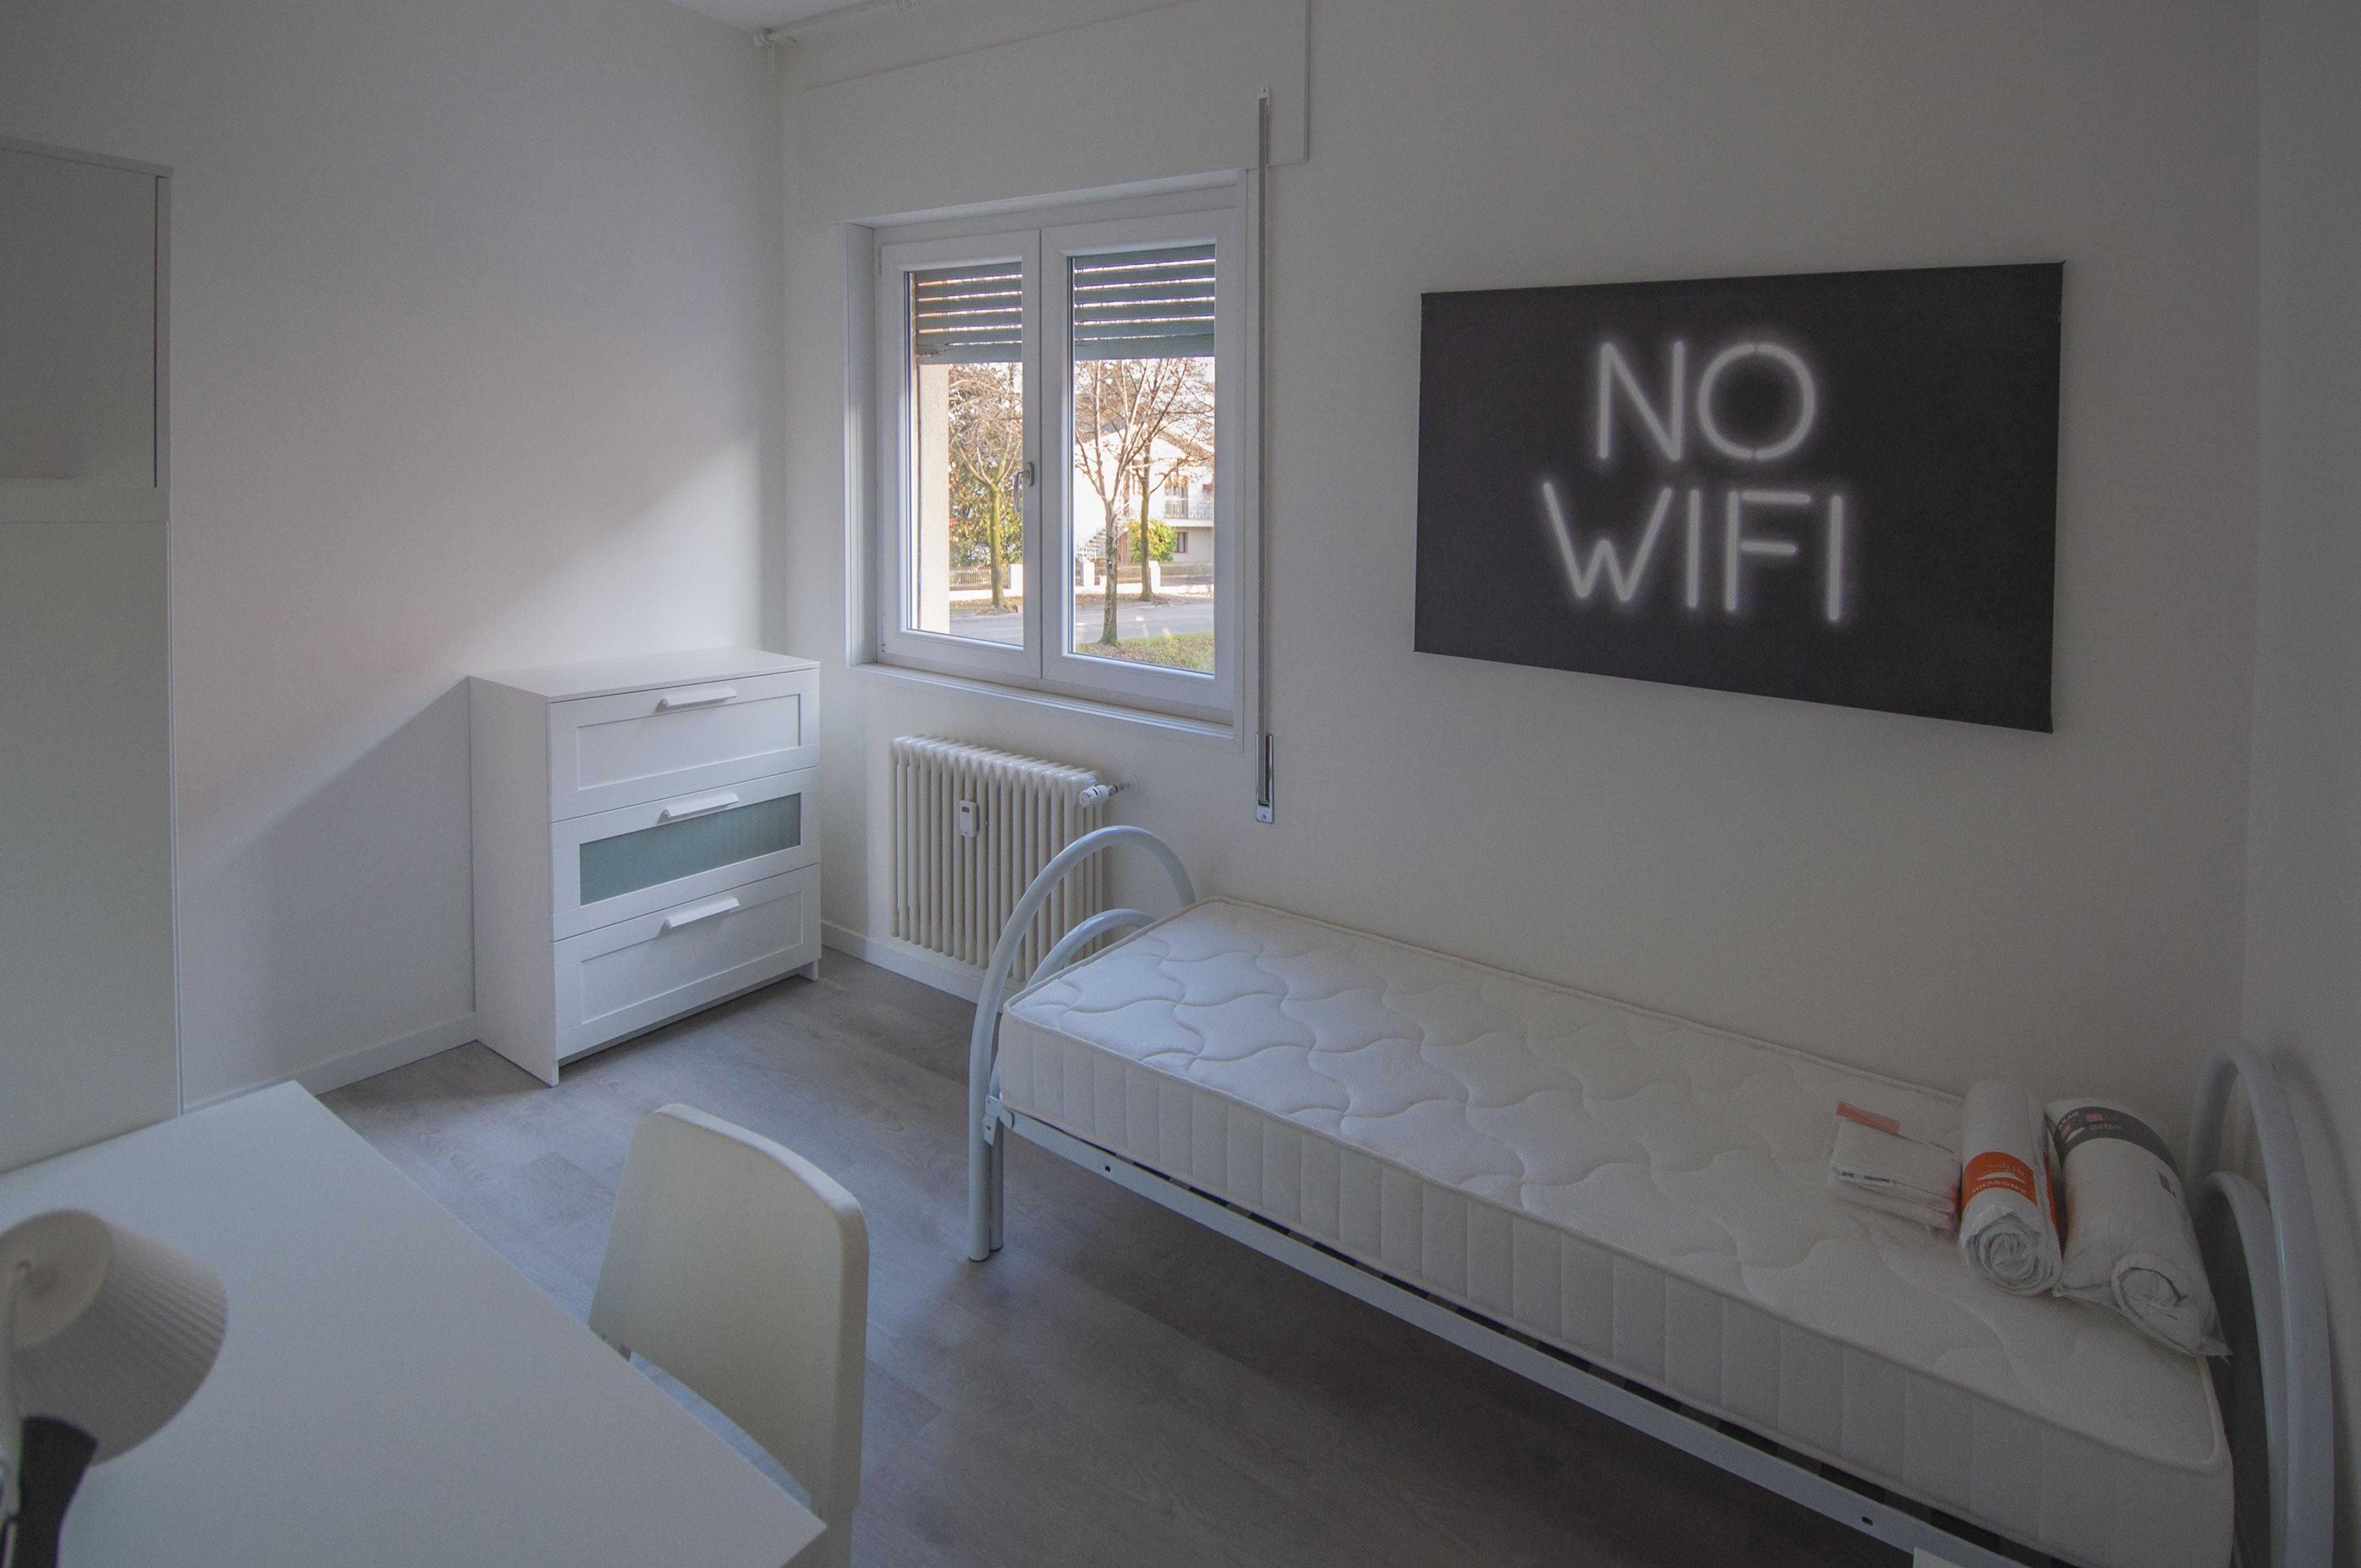 Camere in affitto-Treviso-Ospedale-Stazione-Studio-Architettura-Zanatta_01